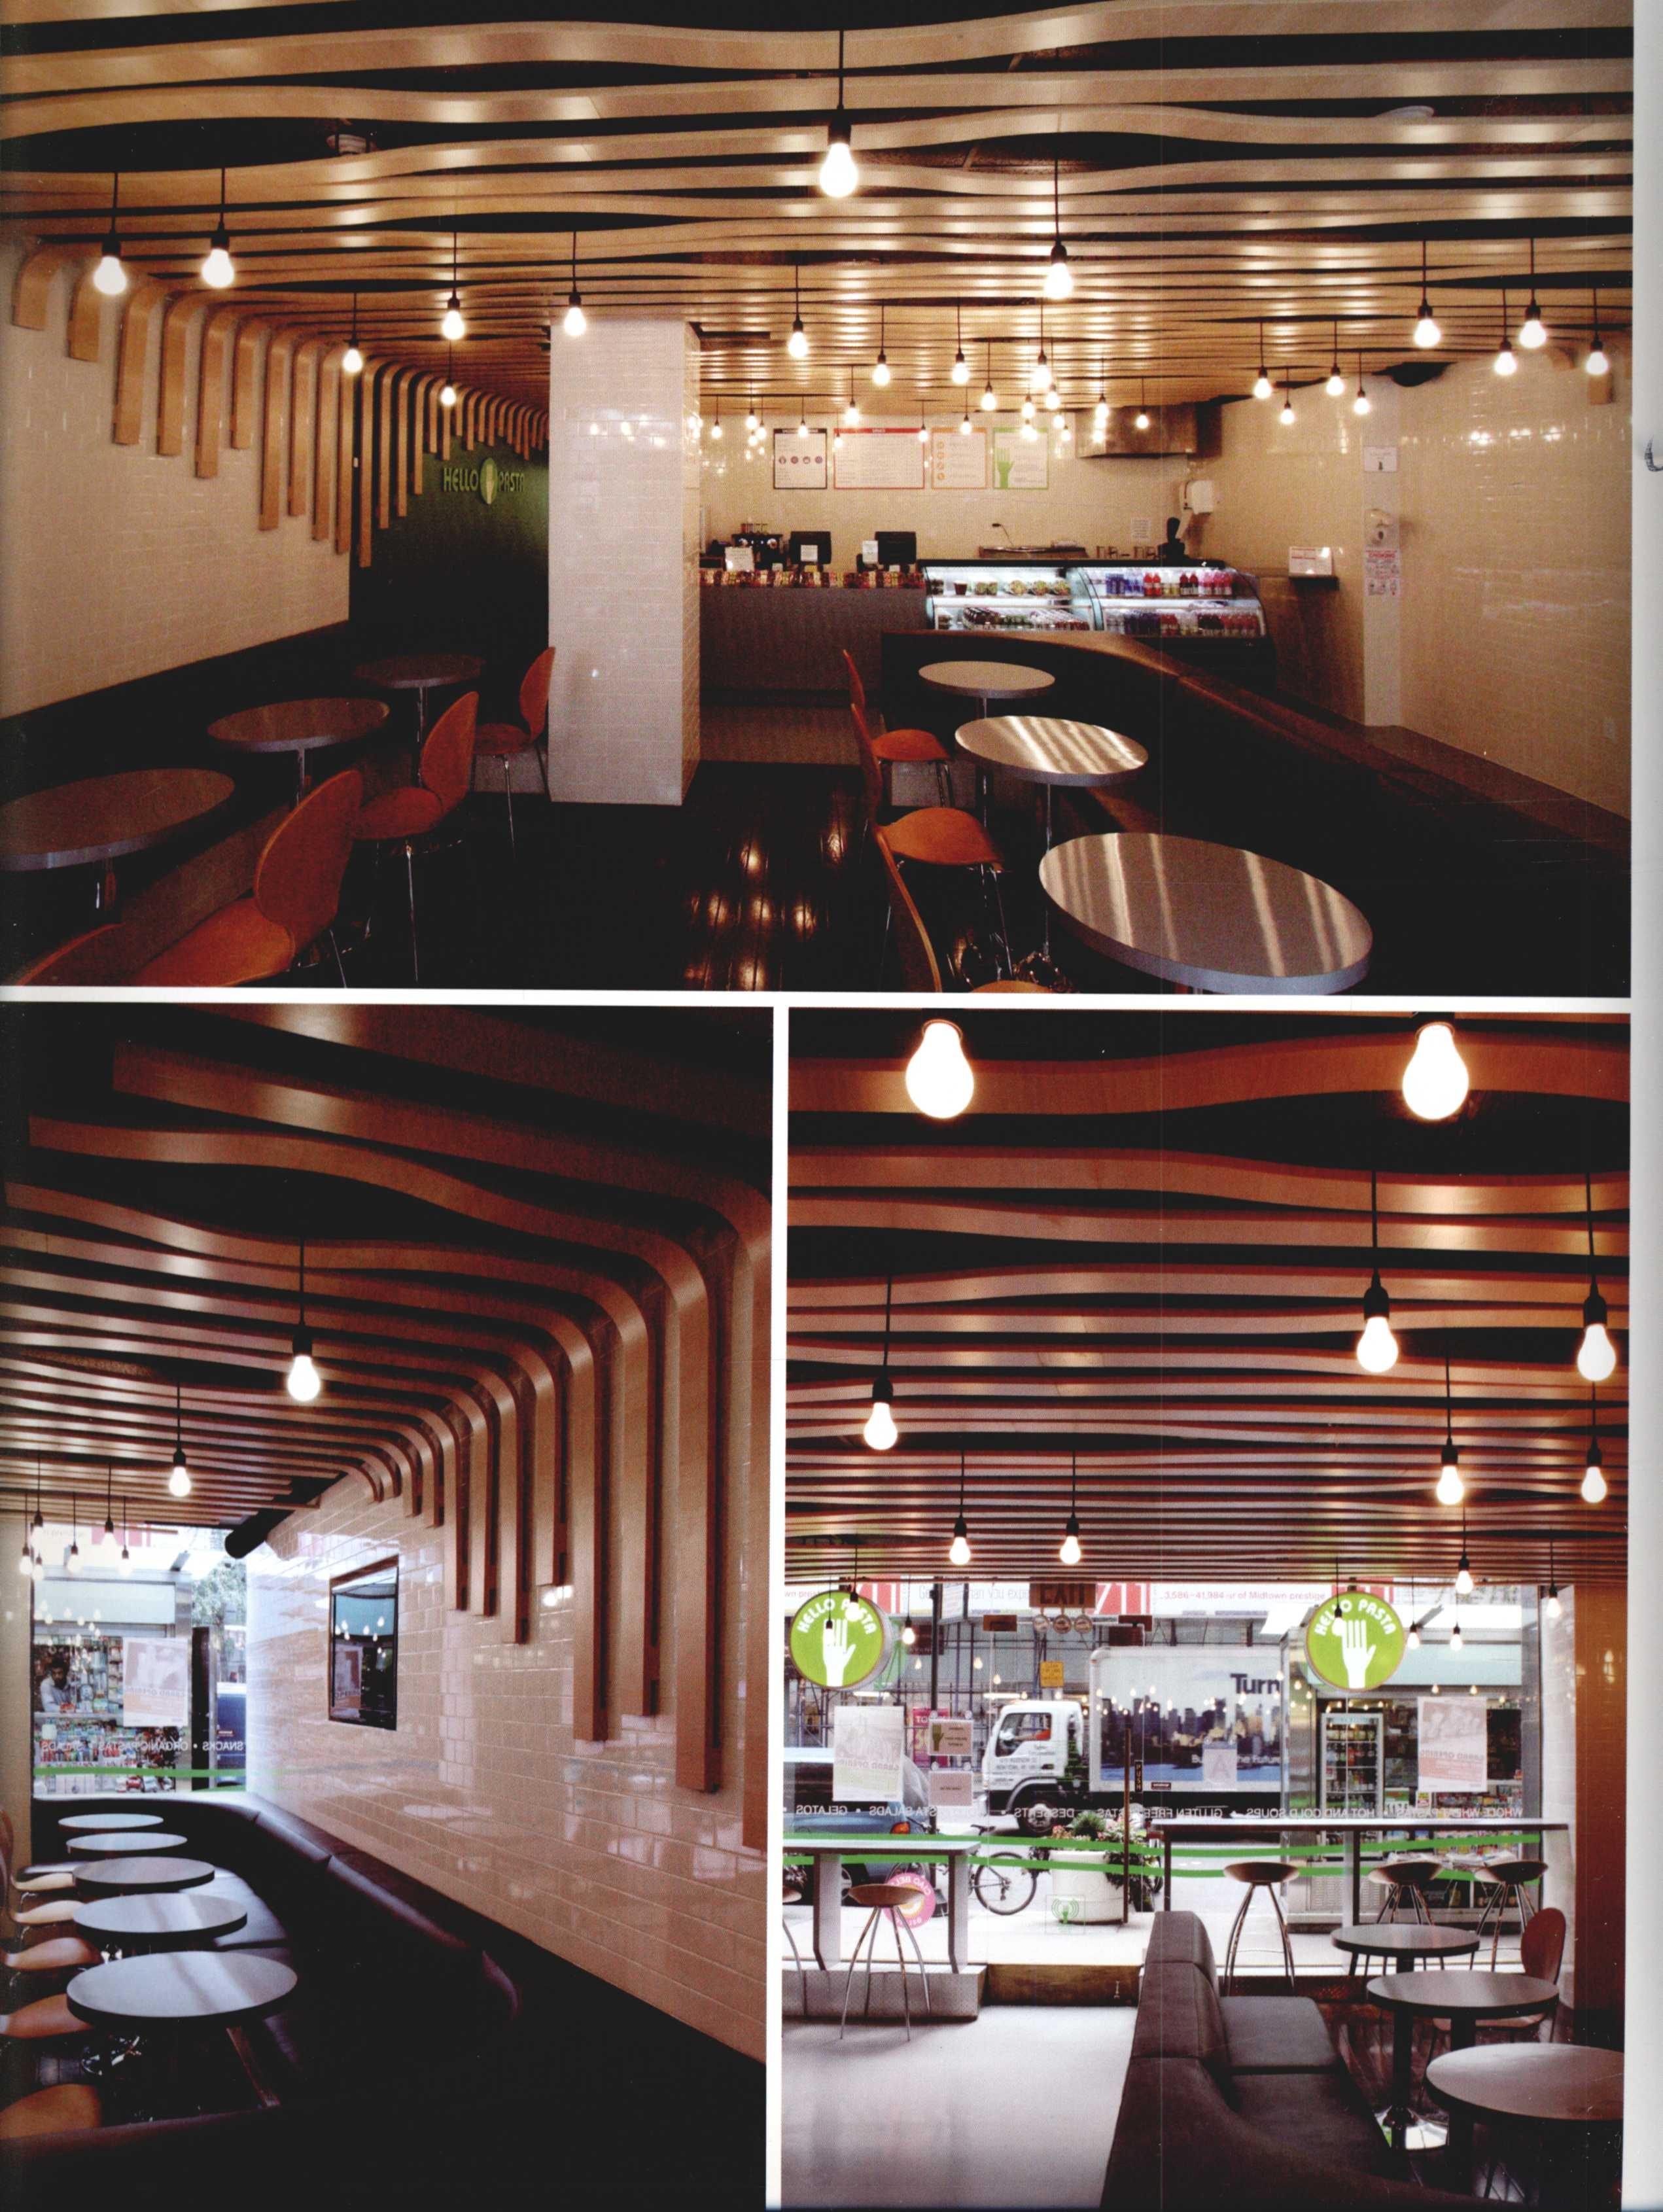 2012全球室内设计年鉴  餐饮_Page_058.jpg